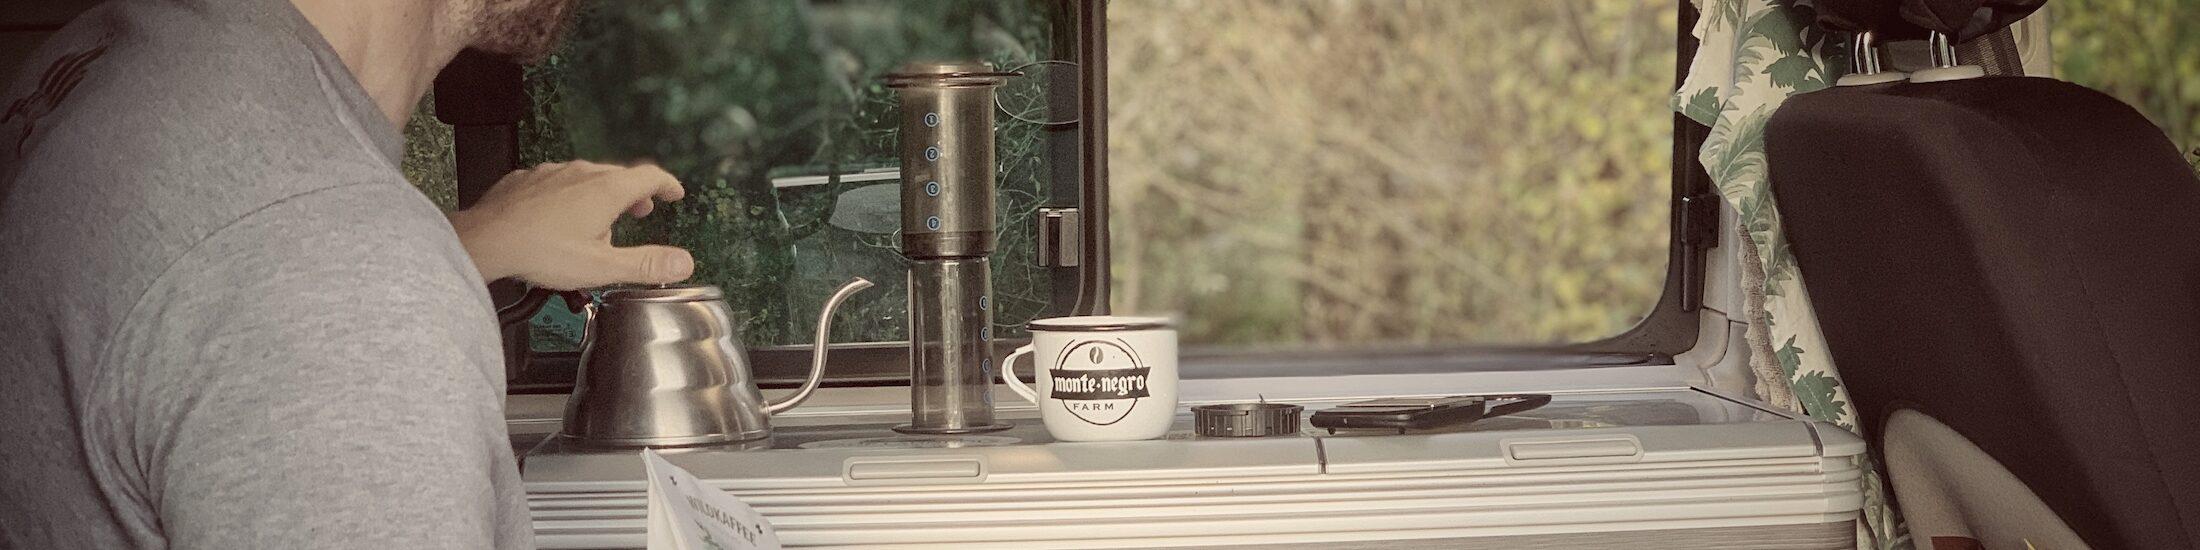 Kaffee Setup im Van, bzw. für das Camping. Man sieht die Ausrüstung in der Küche eines Vw T6 California Ozeans stehen.